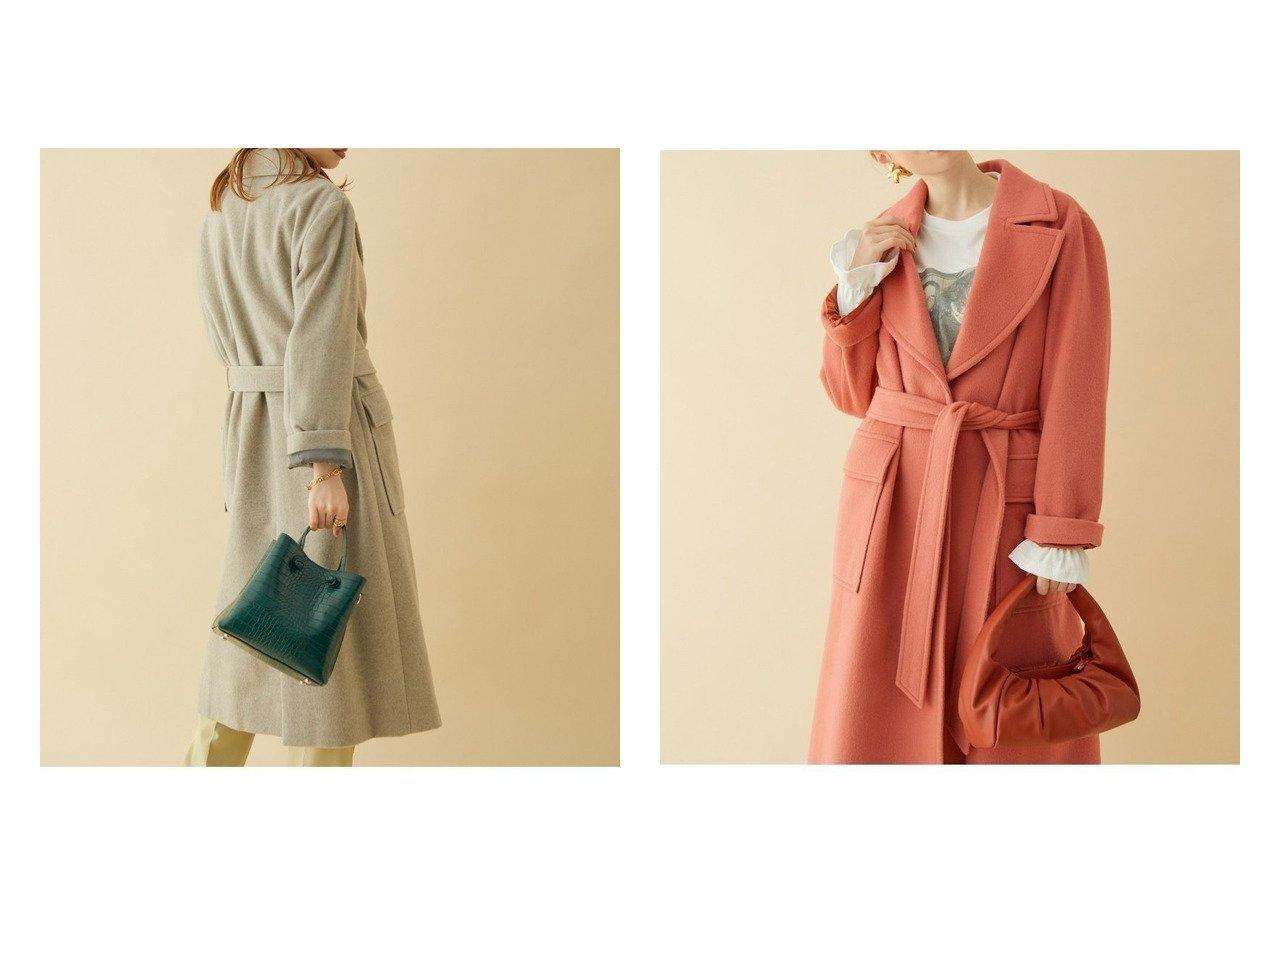 【ROPE' mademoiselle/ロペ マドモアゼル】のペコラムビッグカラーコート 別注・限定・コラボなど、おすすめ!人気、トレンド・レディースファッションの通販 おすすめで人気の流行・トレンド、ファッションの通販商品 インテリア・家具・メンズファッション・キッズファッション・レディースファッション・服の通販 founy(ファニー) https://founy.com/ ファッション Fashion レディースファッション WOMEN アウター Coat Outerwear コート Coats ジャケット Jackets チェスターコート Top Coat オレンジ ジャケット チェスターコート デニム トレンド 定番 Standard フェミニン ポケット 別注 レース 冬 Winter おすすめ Recommend  ID:crp329100000060972